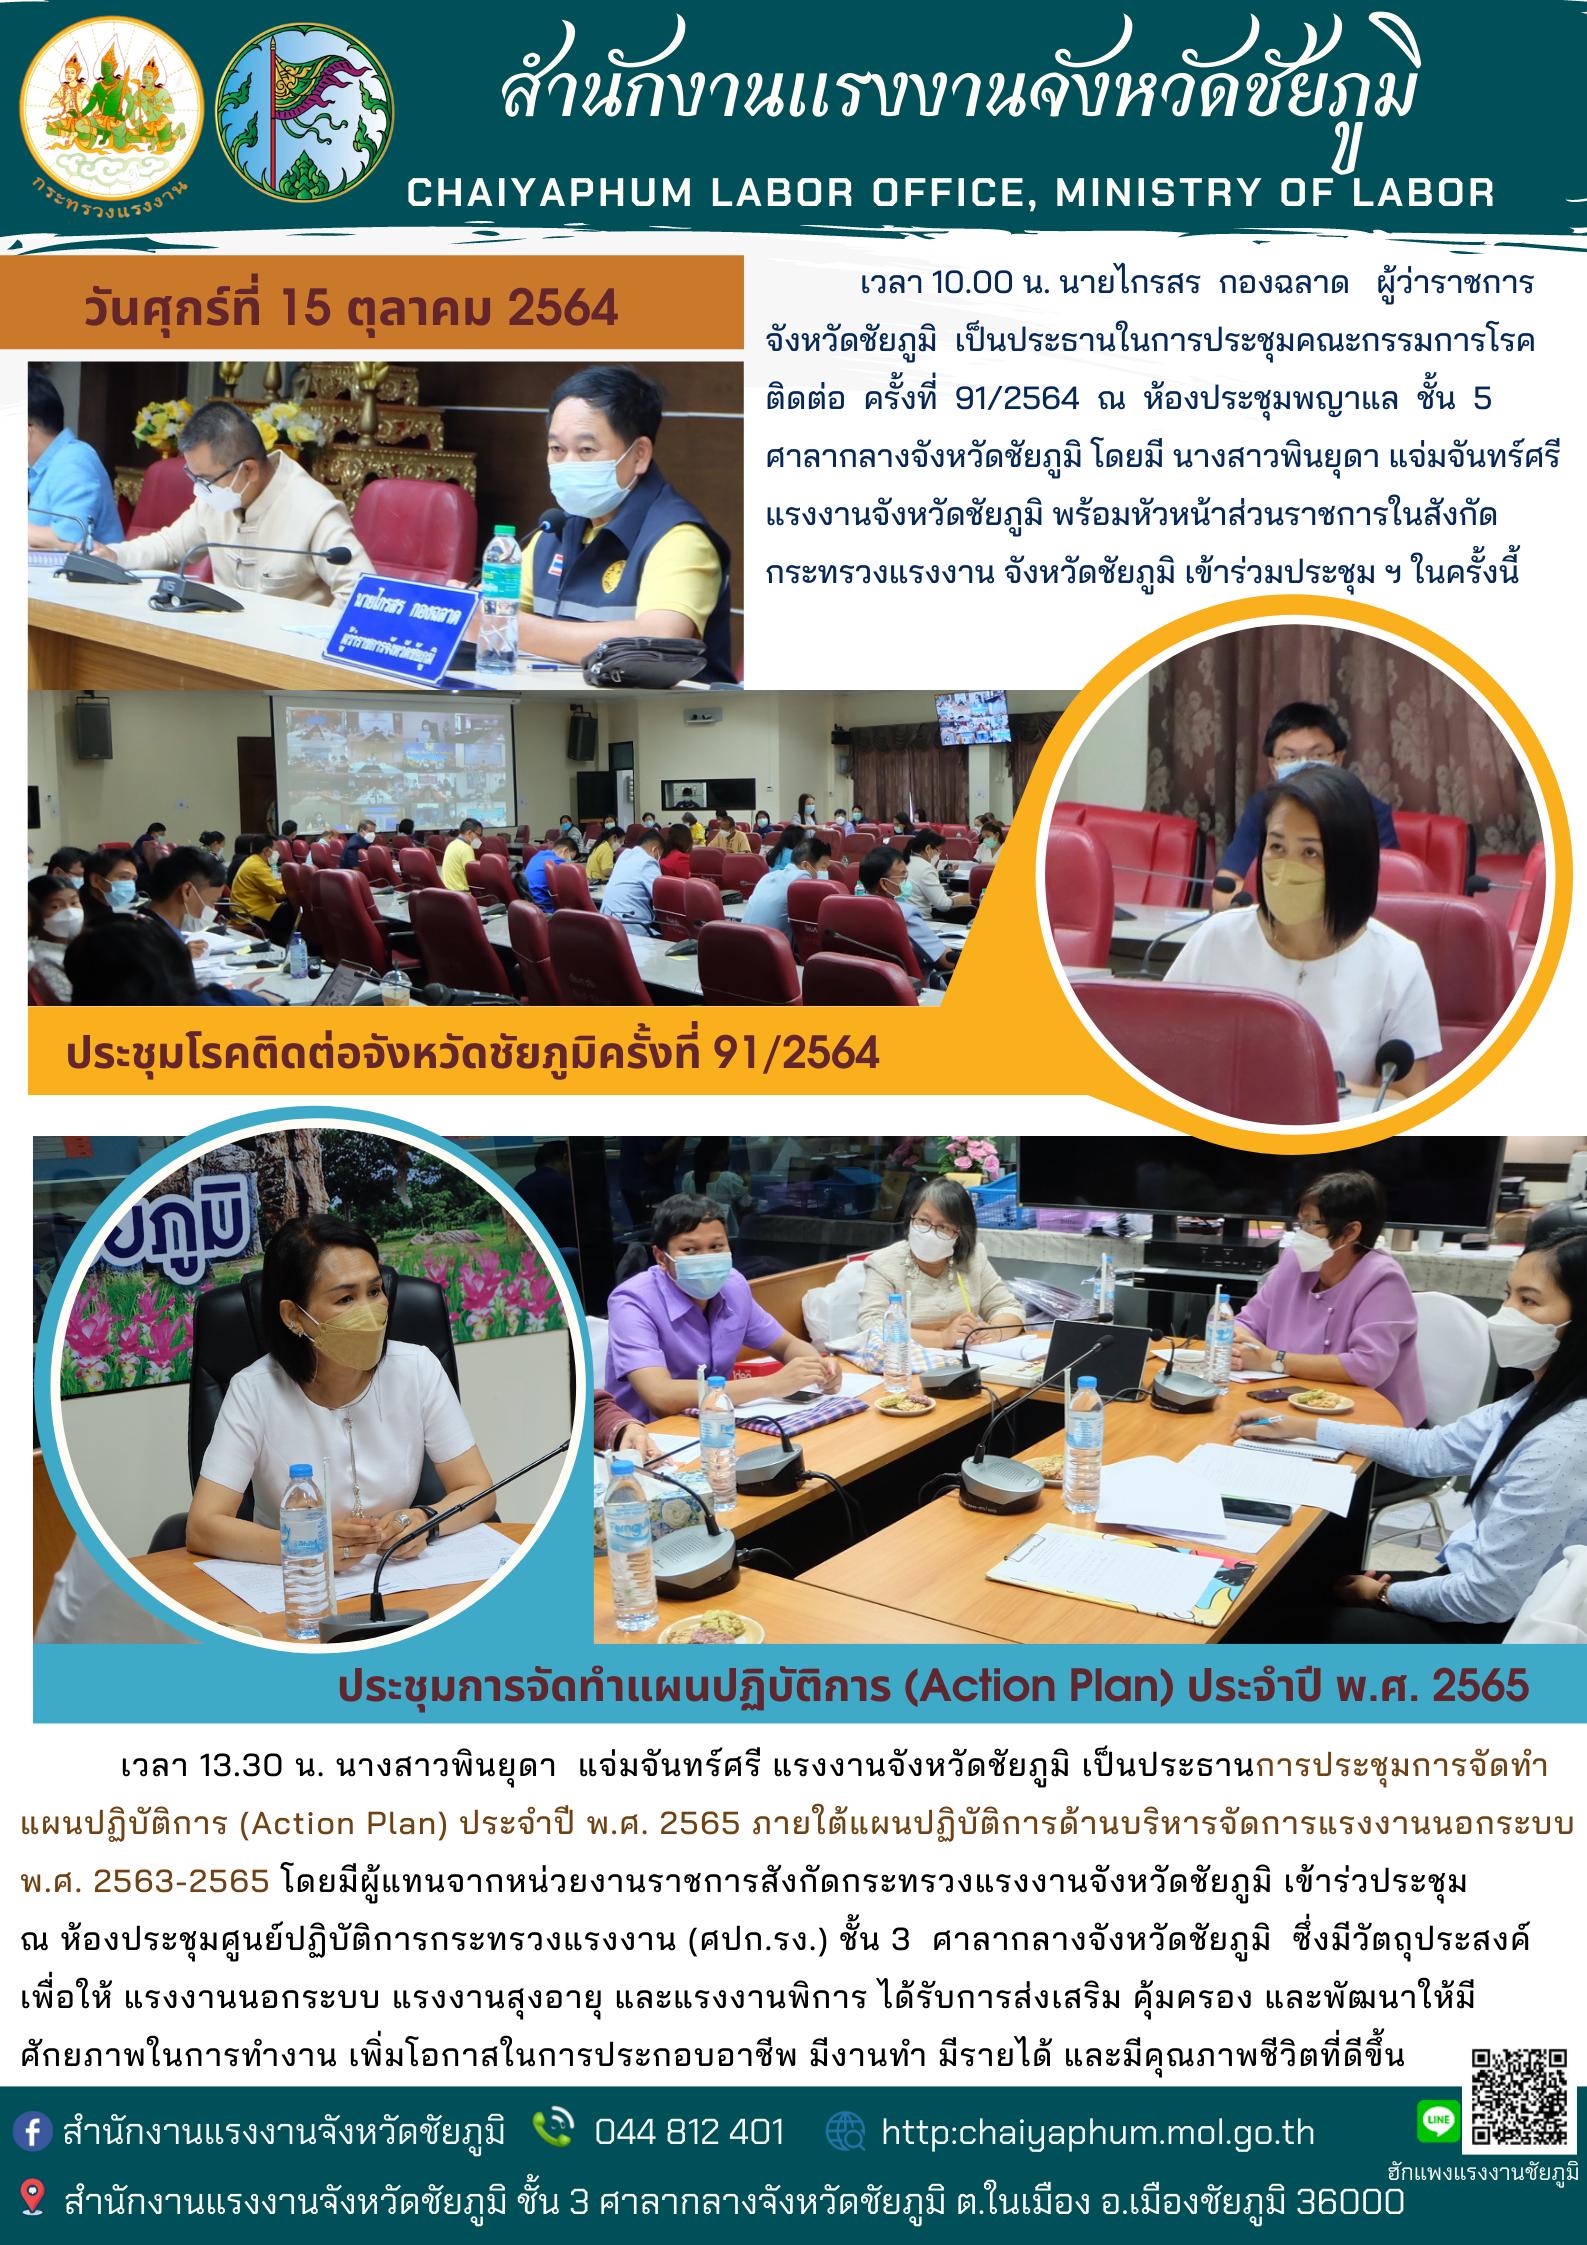 การประชุมคณะกรรมการโรคติดต่อ ครั้งที่ 91/2564 /และการประชุมเพื่อจัดทำแผน(Action Plan)ประจำปี 2565 ภายใต้แผนปฏิบัติการด้านบริหารจัดการแรงงานนอกระบบ ปี 2563-2565